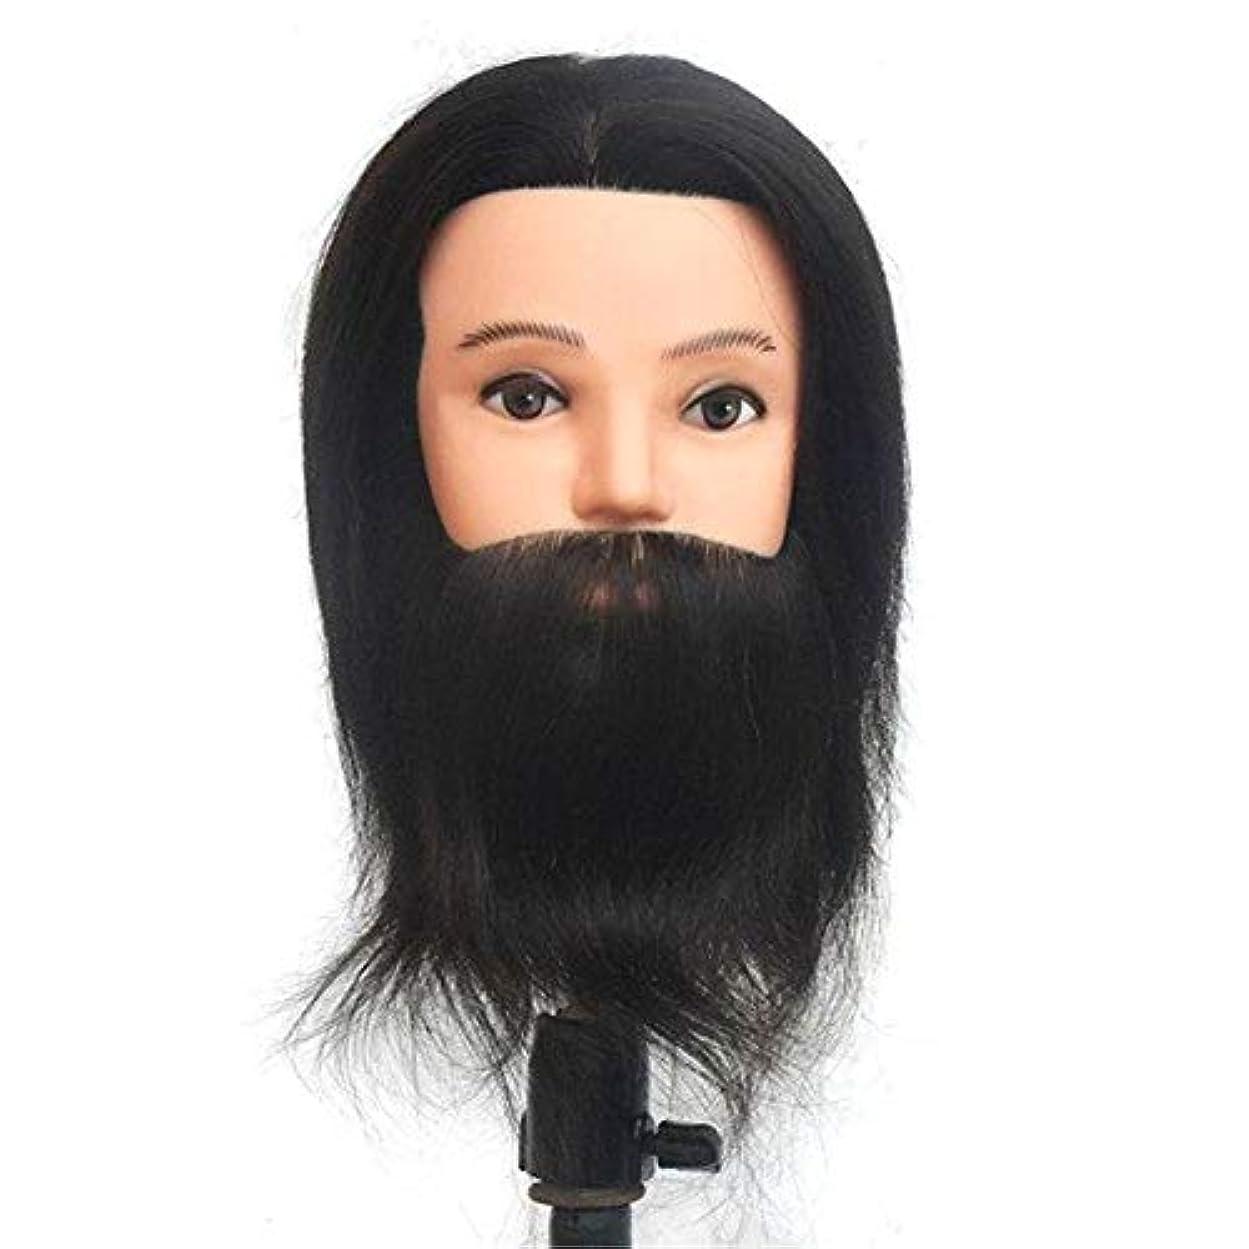 揮発性怒っているチチカカ湖リアル人間の髪トレーニングヘッドパーマ髪モデル髪染め理髪ダミーヘッドトリミングひげ学習ヘッドモデル